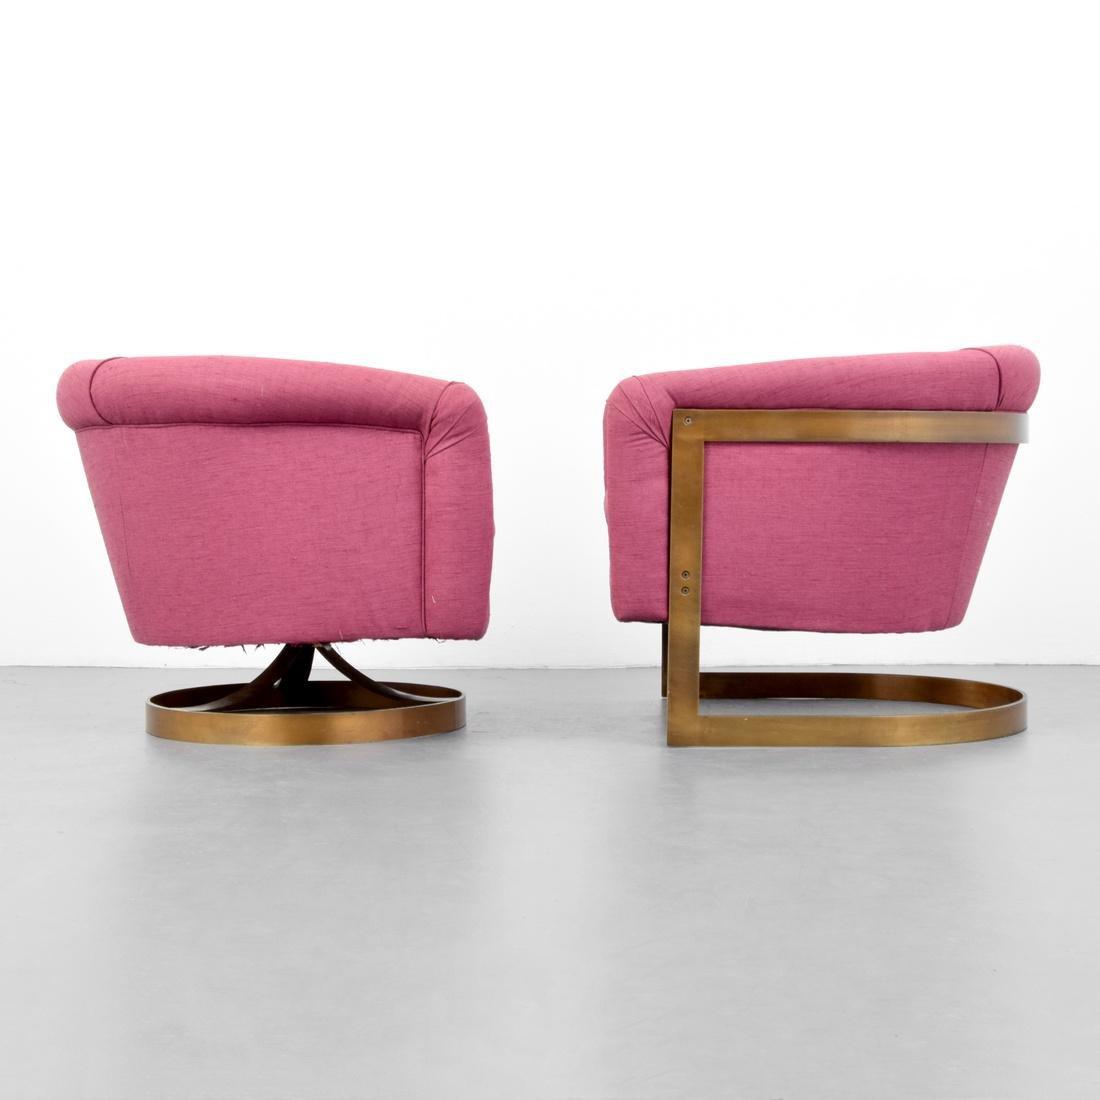 2 Milo Baughman Lounge Chairs - 3